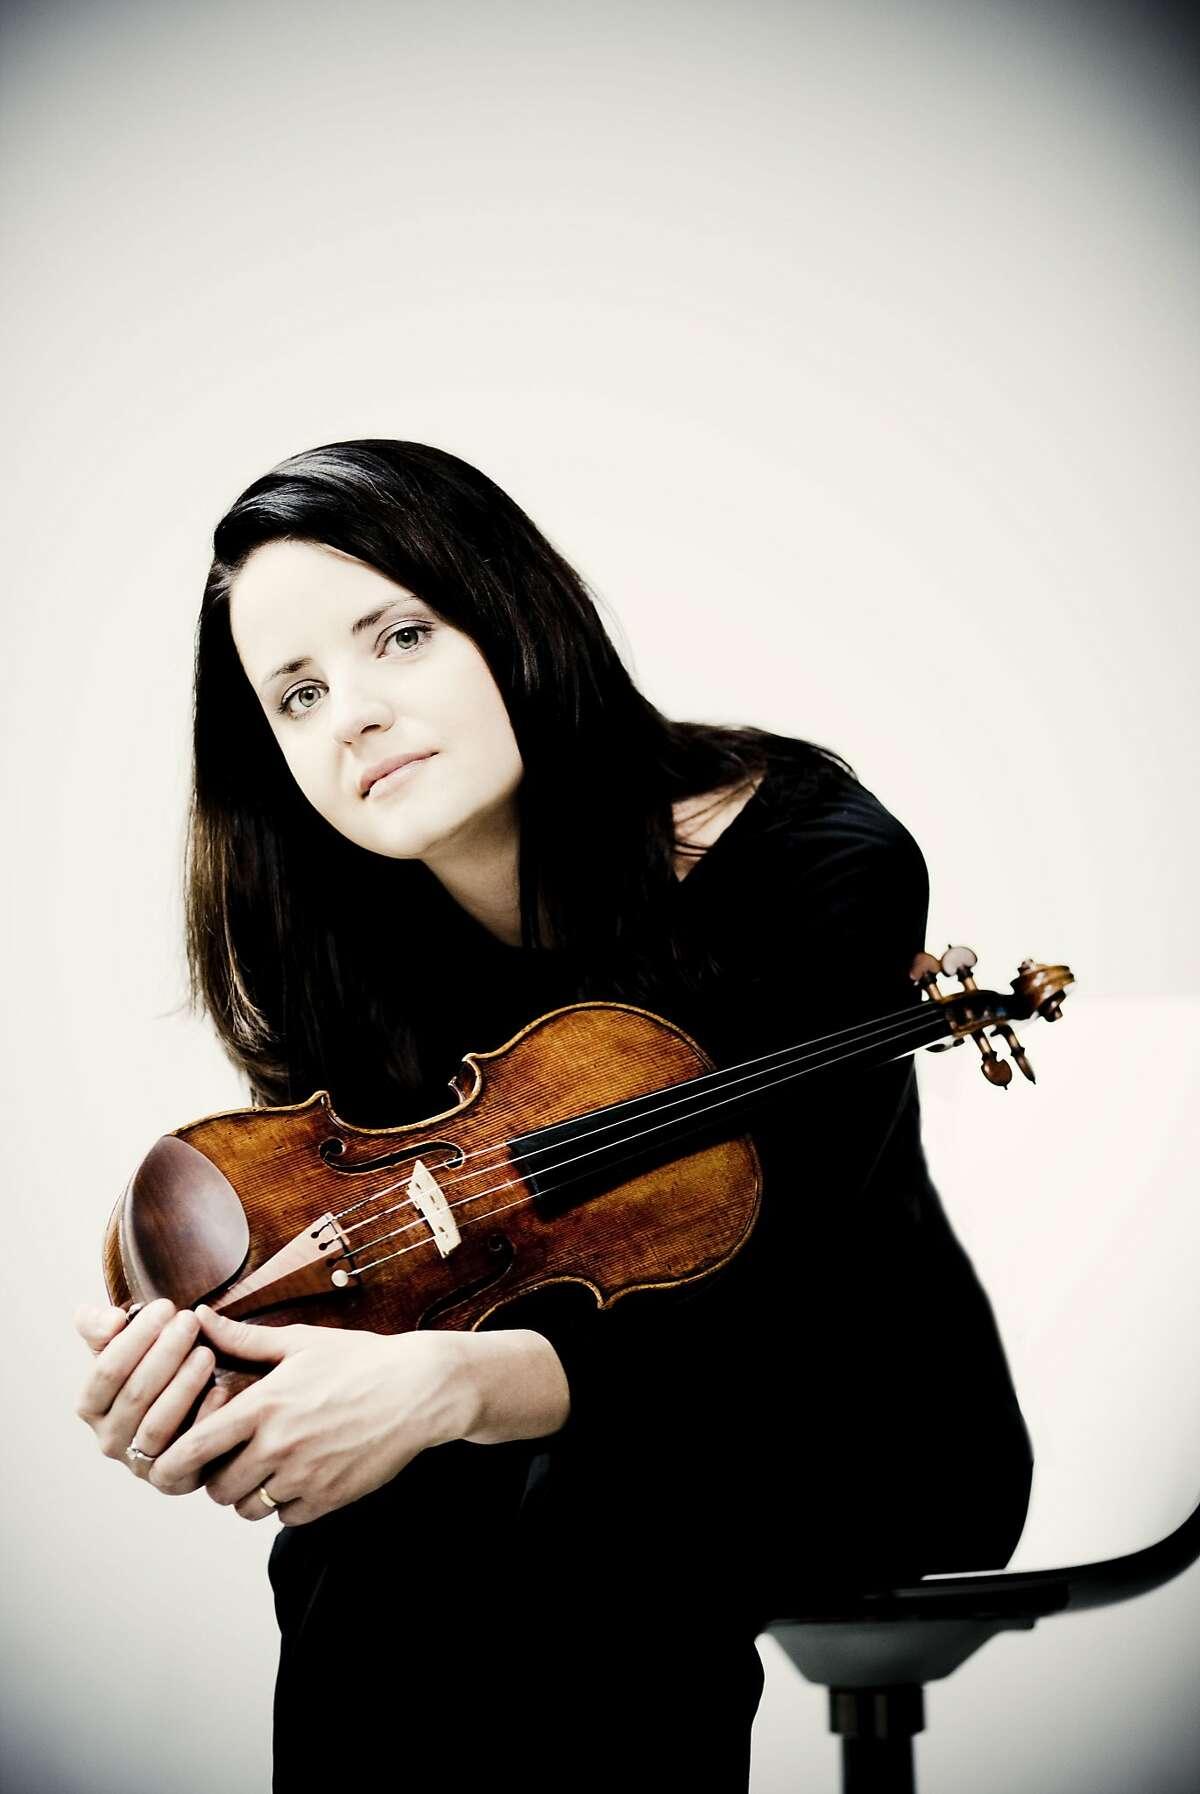 Violinist�Baiba Skride